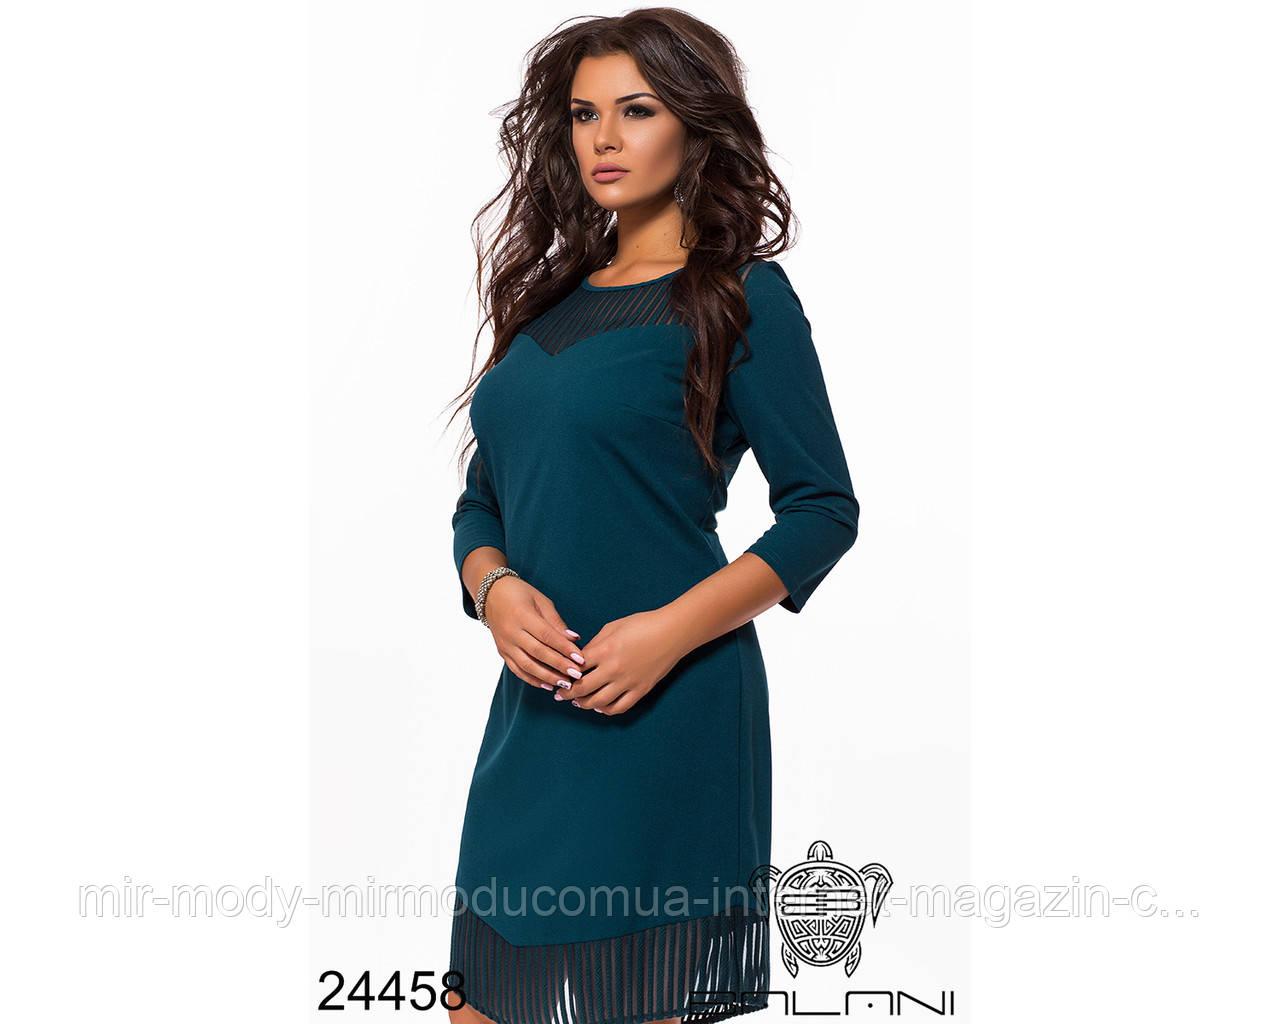 Платье - 24458 с 50 по 56  размер (бн)